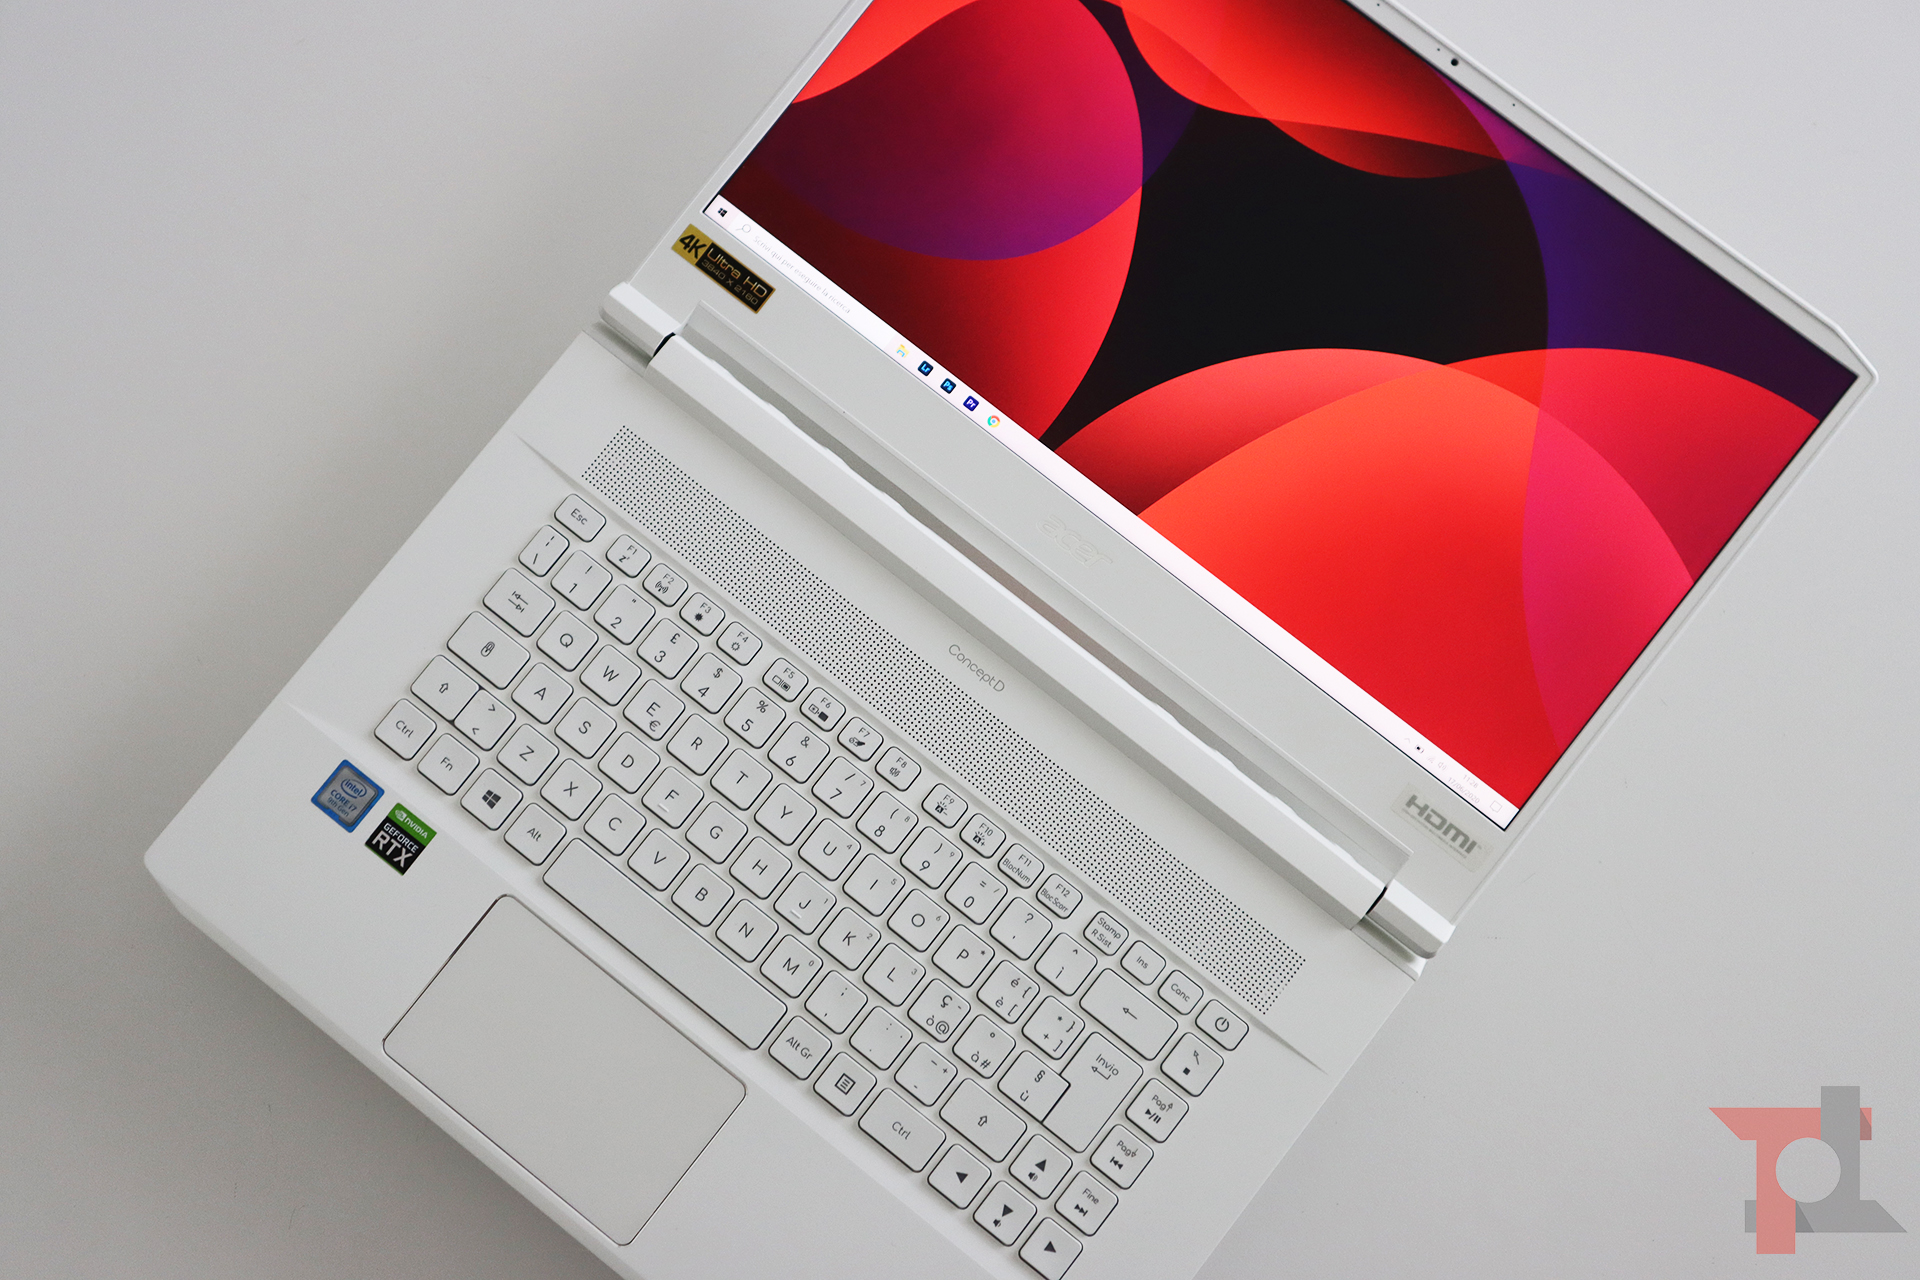 Acer ConceptD 7 design